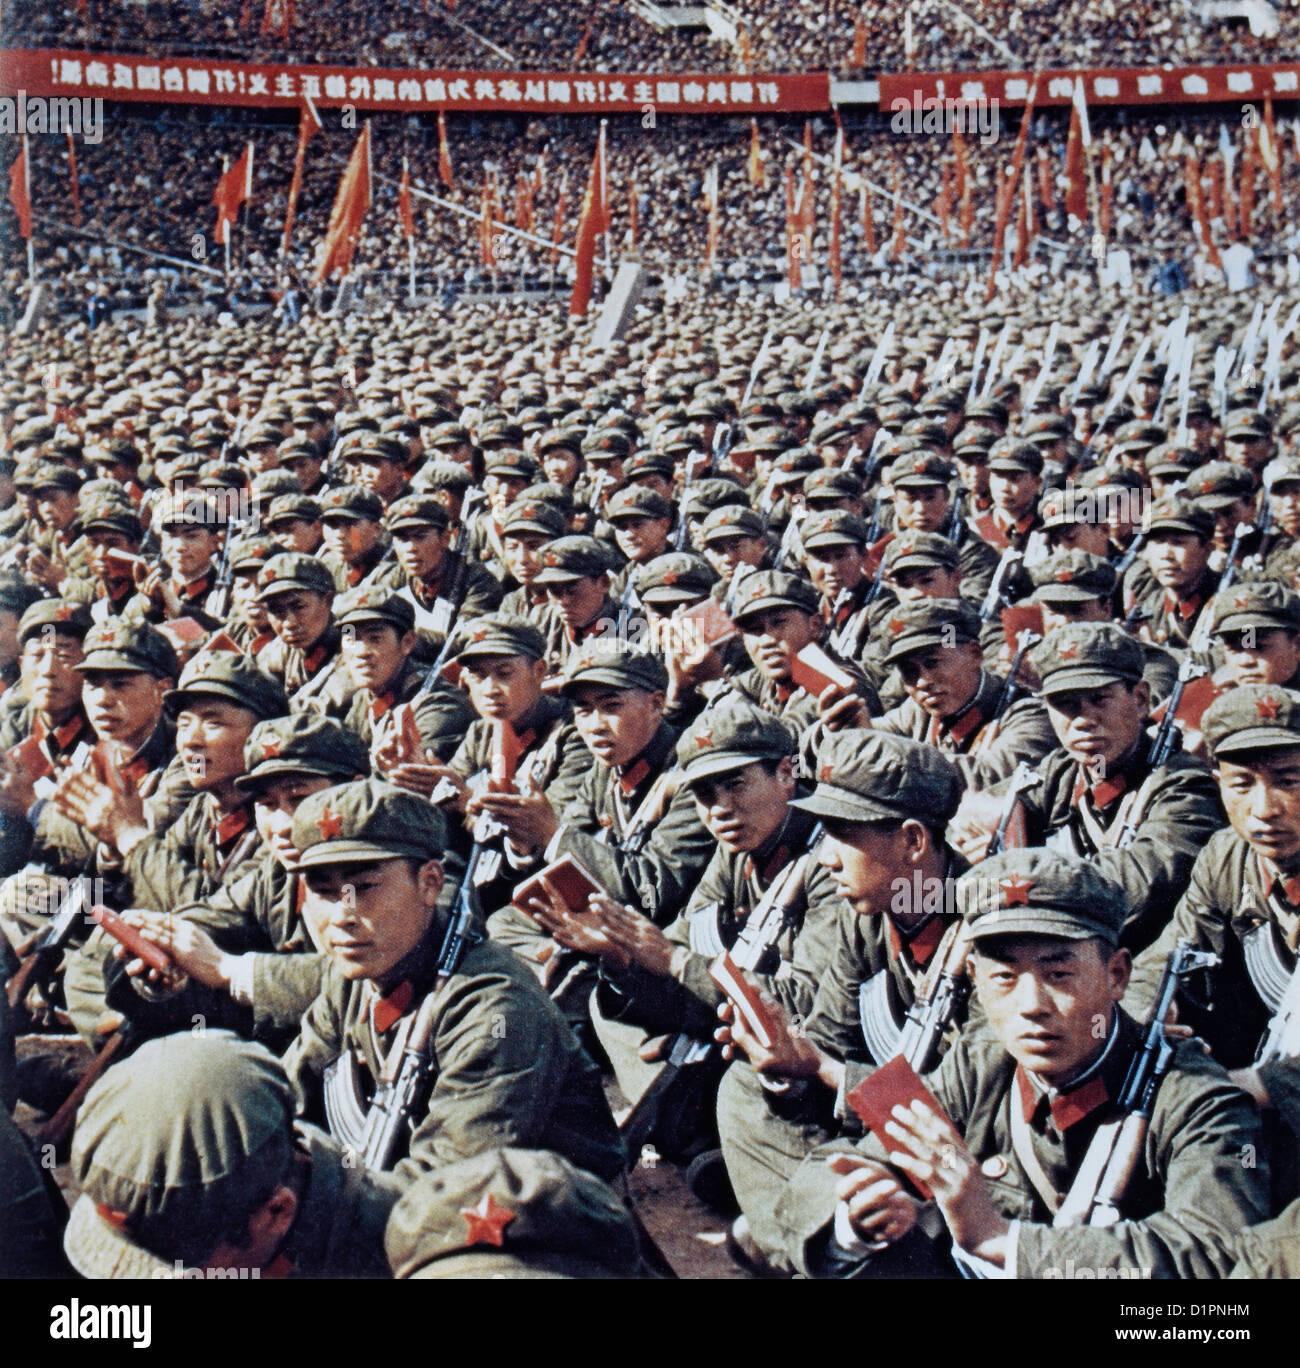 Los Guardias Rojos en el Rally de la lectura de Mao Zedong, el pequeño Libro Rojo, Beijing, China, 1966 Imagen De Stock